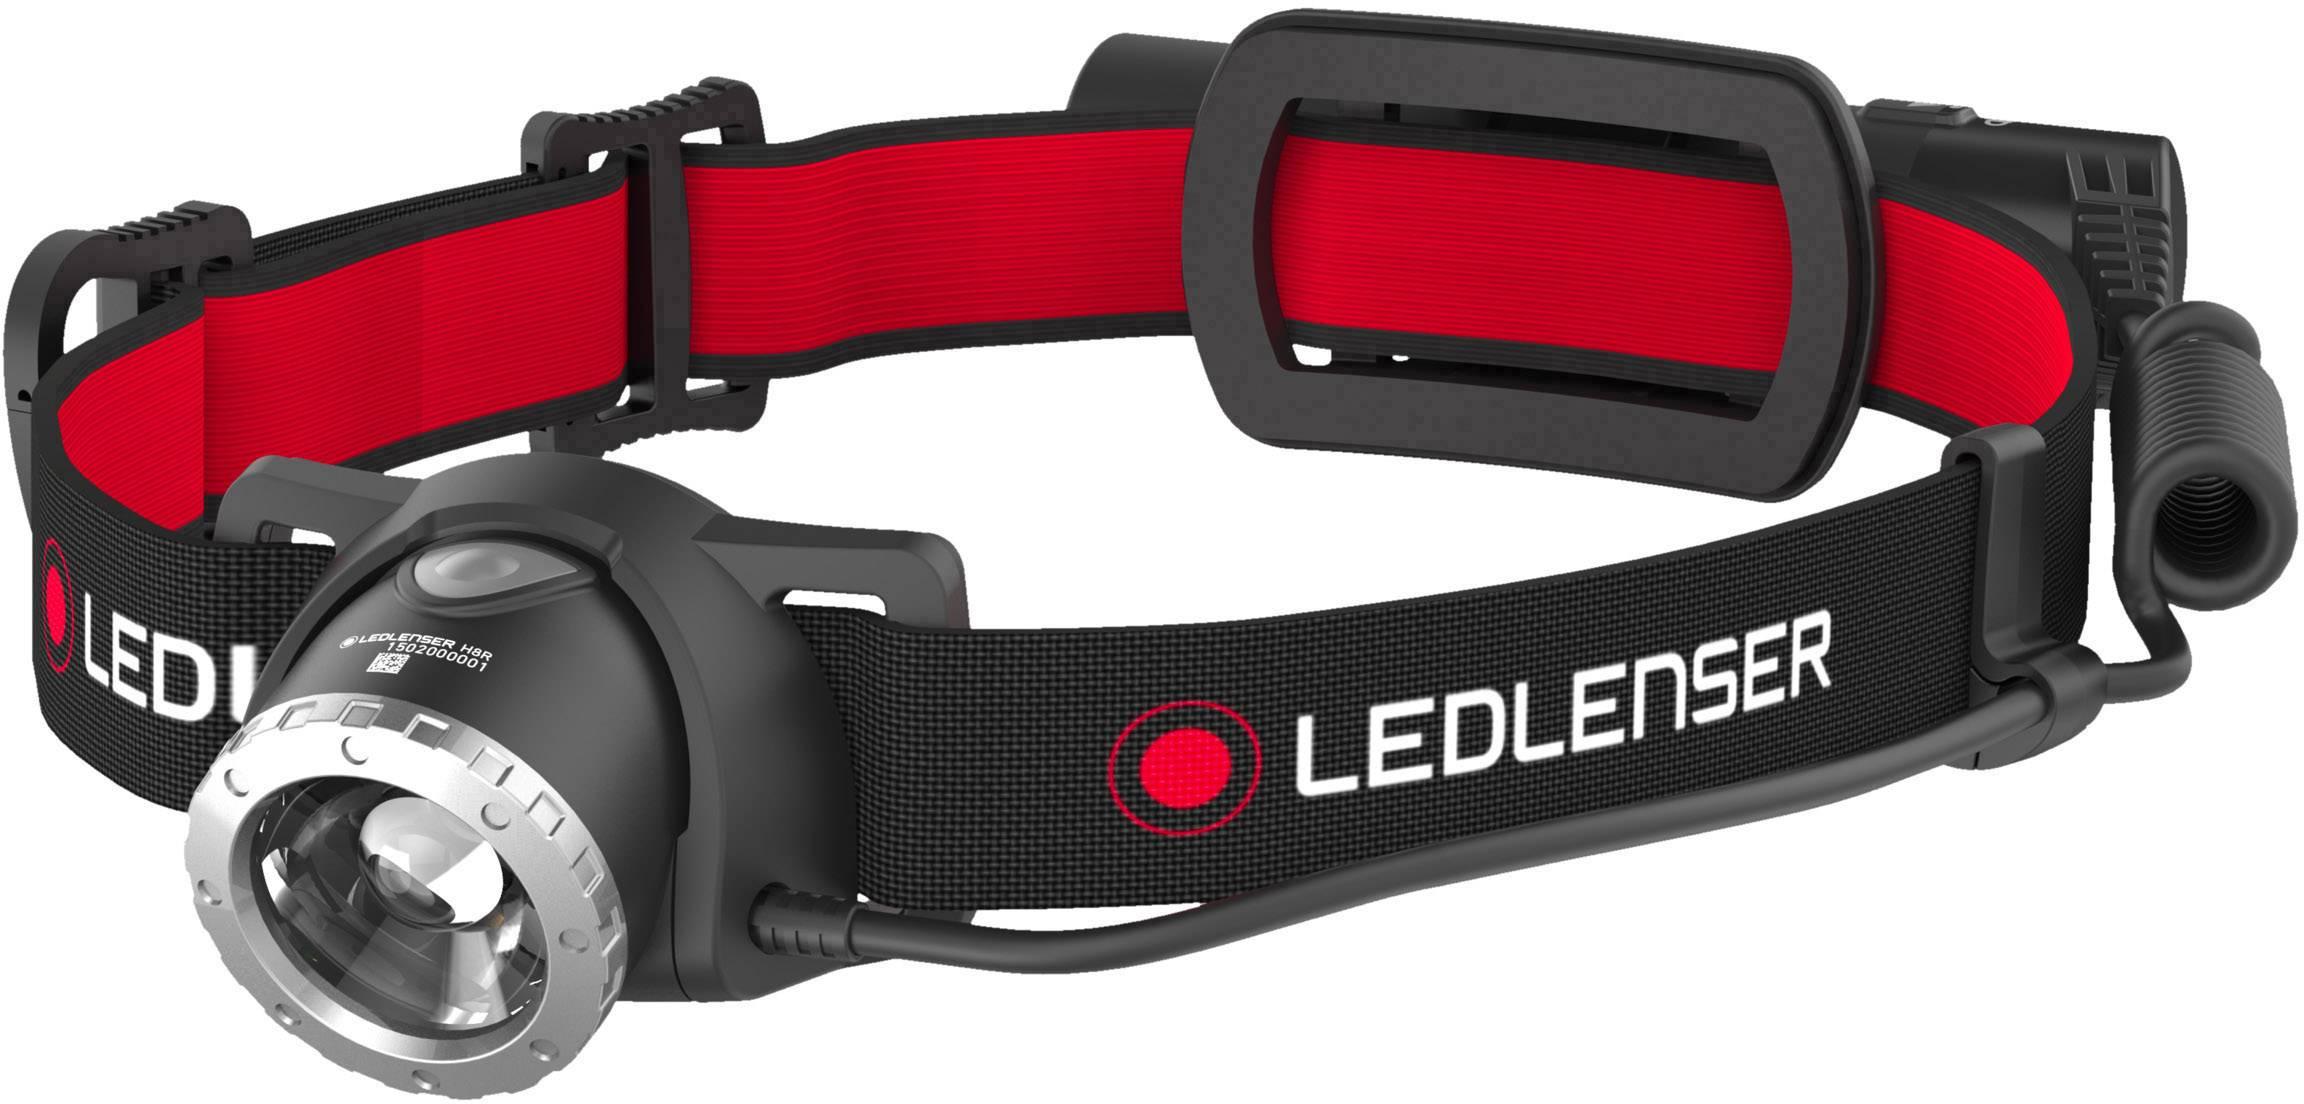 LED čelovka Ledlenser H8R 500852, 600 lm, napájeno akumulátorem, 158 g, černá, červená